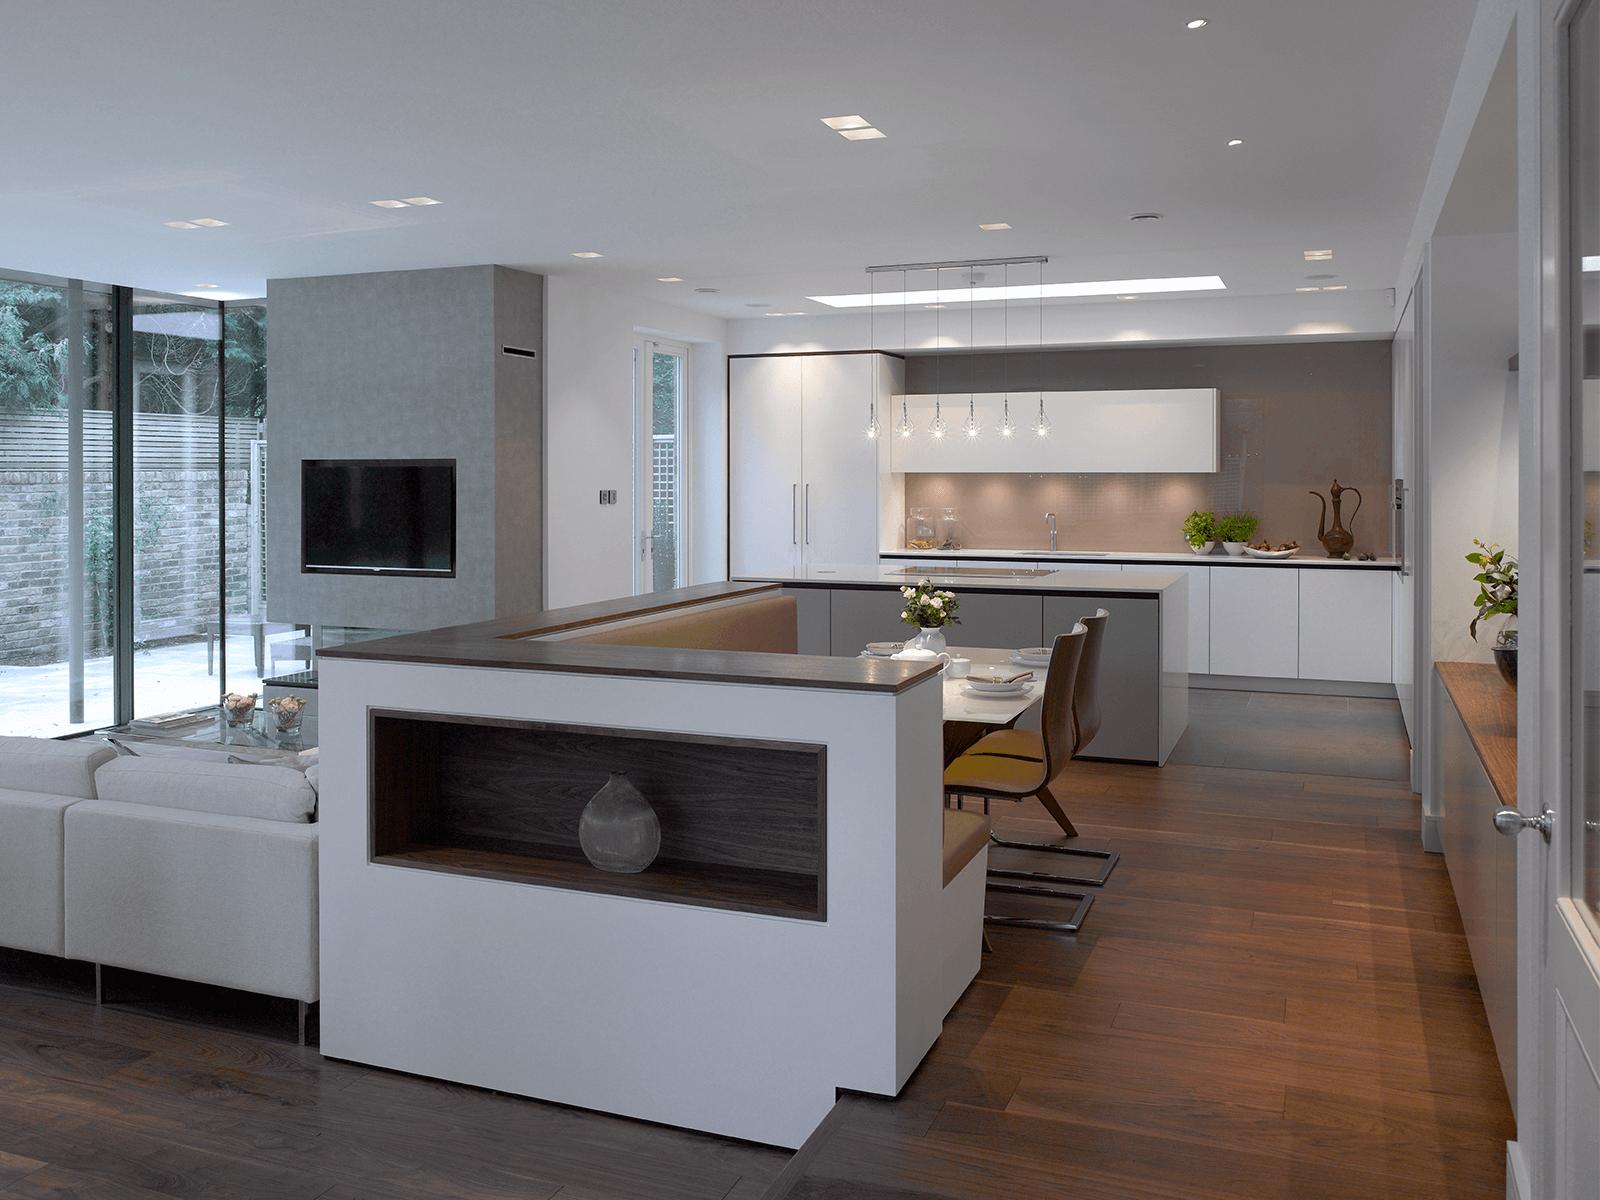 Best Kitchen Designers London Kitchen Design London Kitchen Design ...